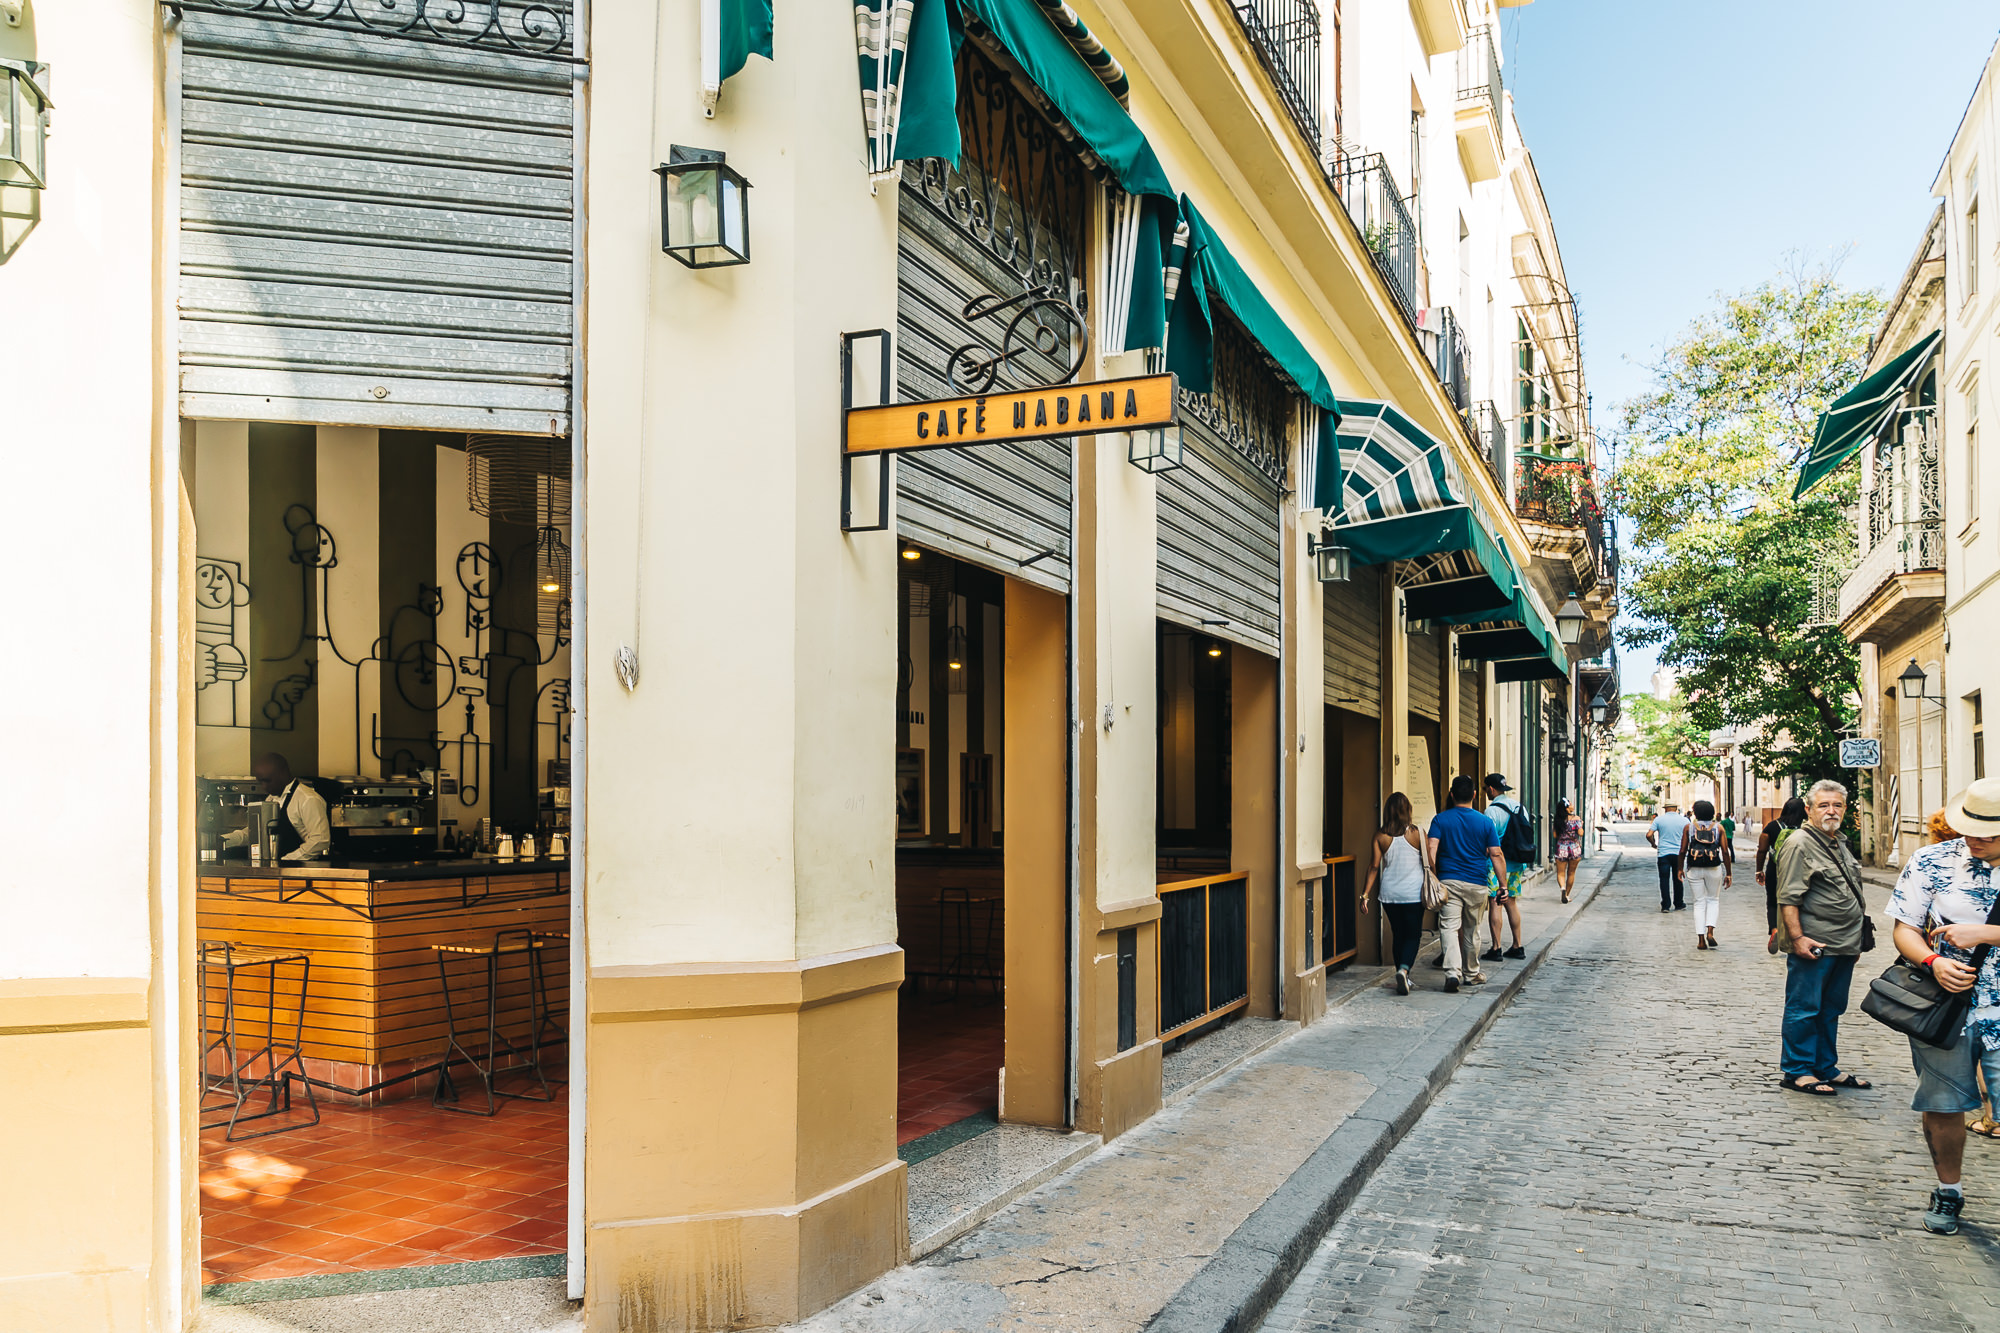 Cafe Habana - on the corner of Amagura and Mercaderes